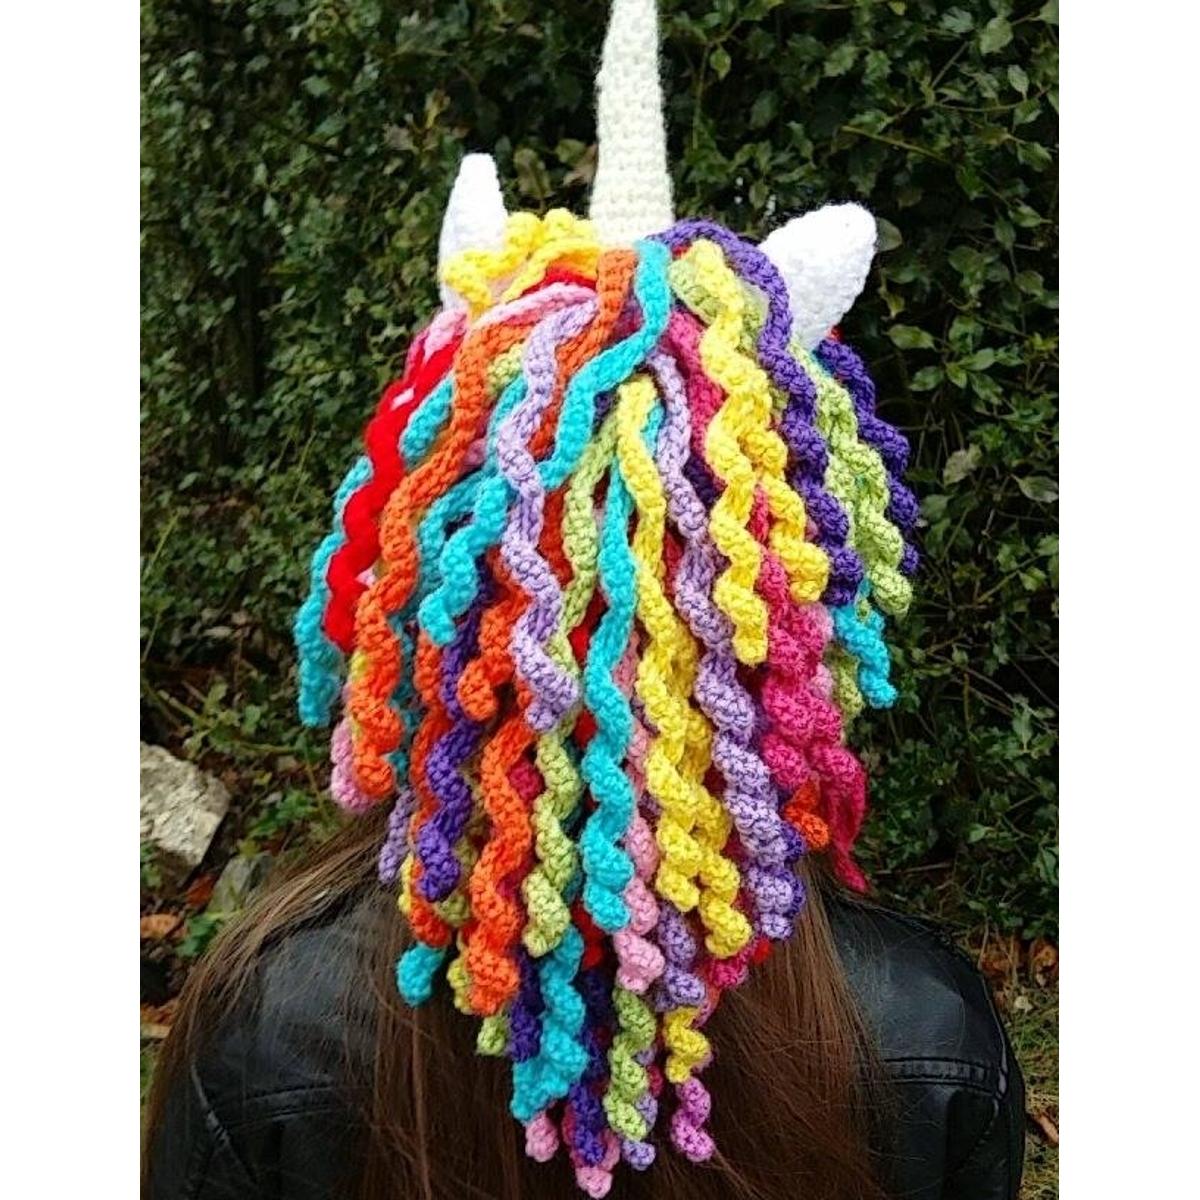 7d39fa21f571 Bonnet de créateur belge - Licorne - KC s artisanat made in Belgium